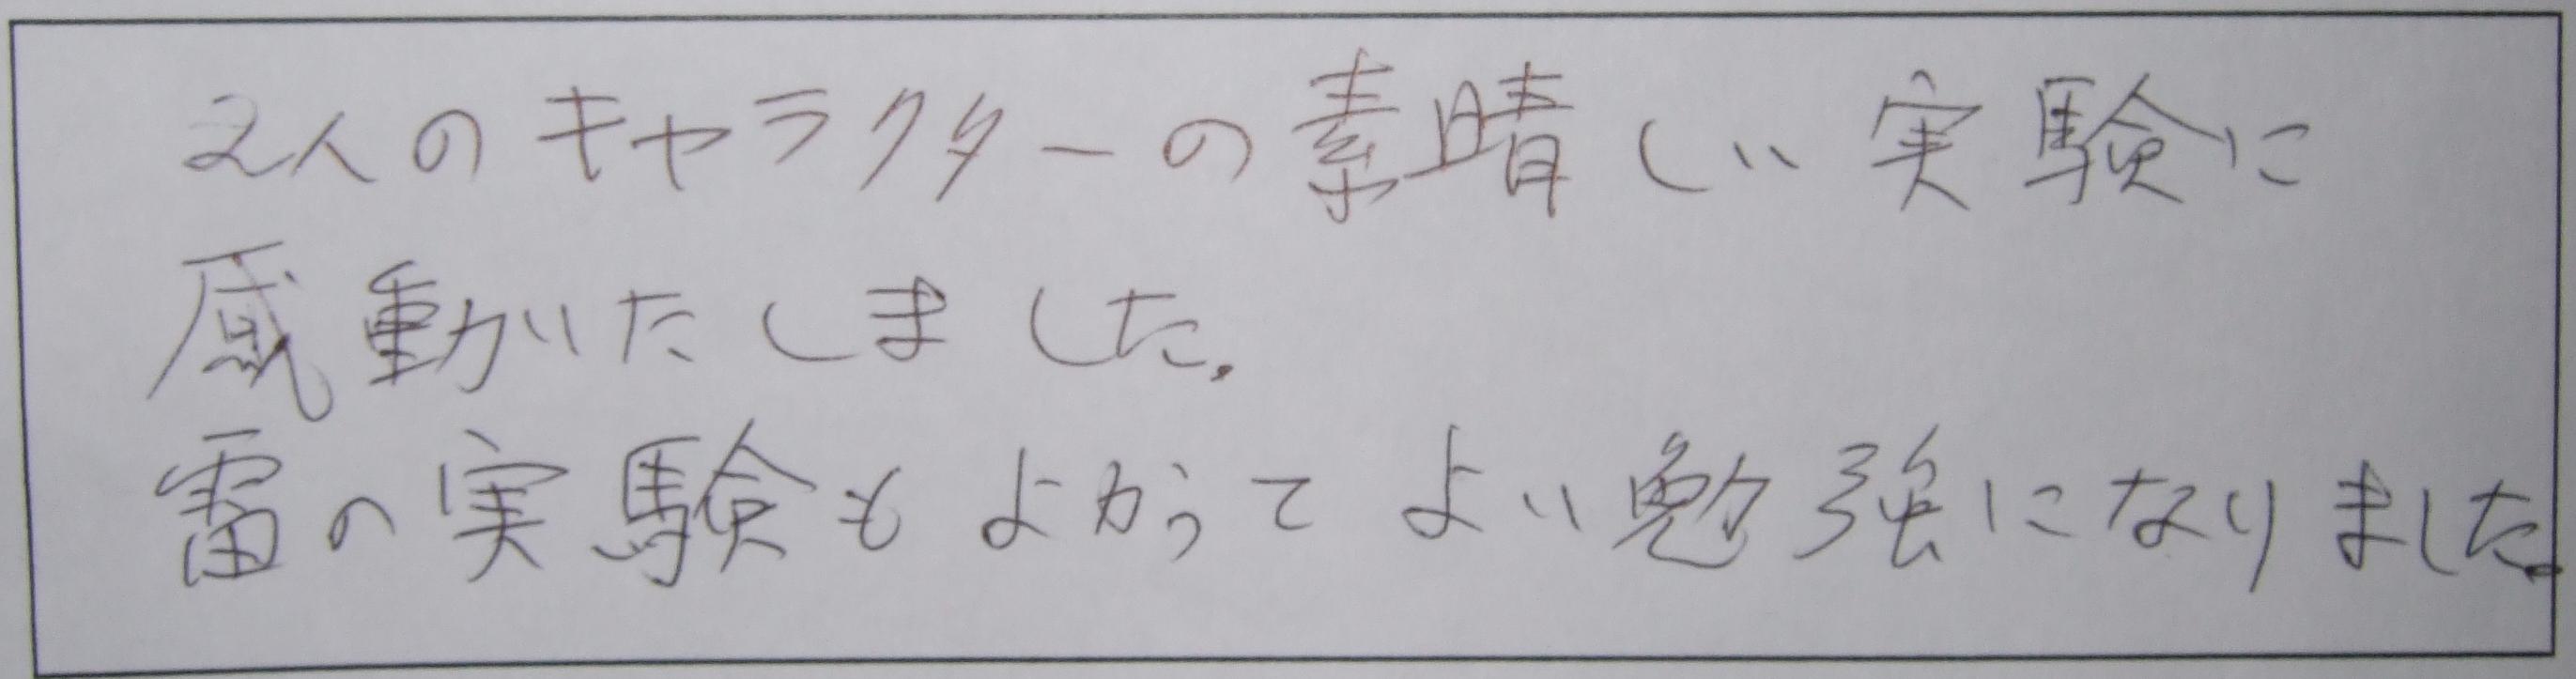 コピー ~ DSCF0310.jpg